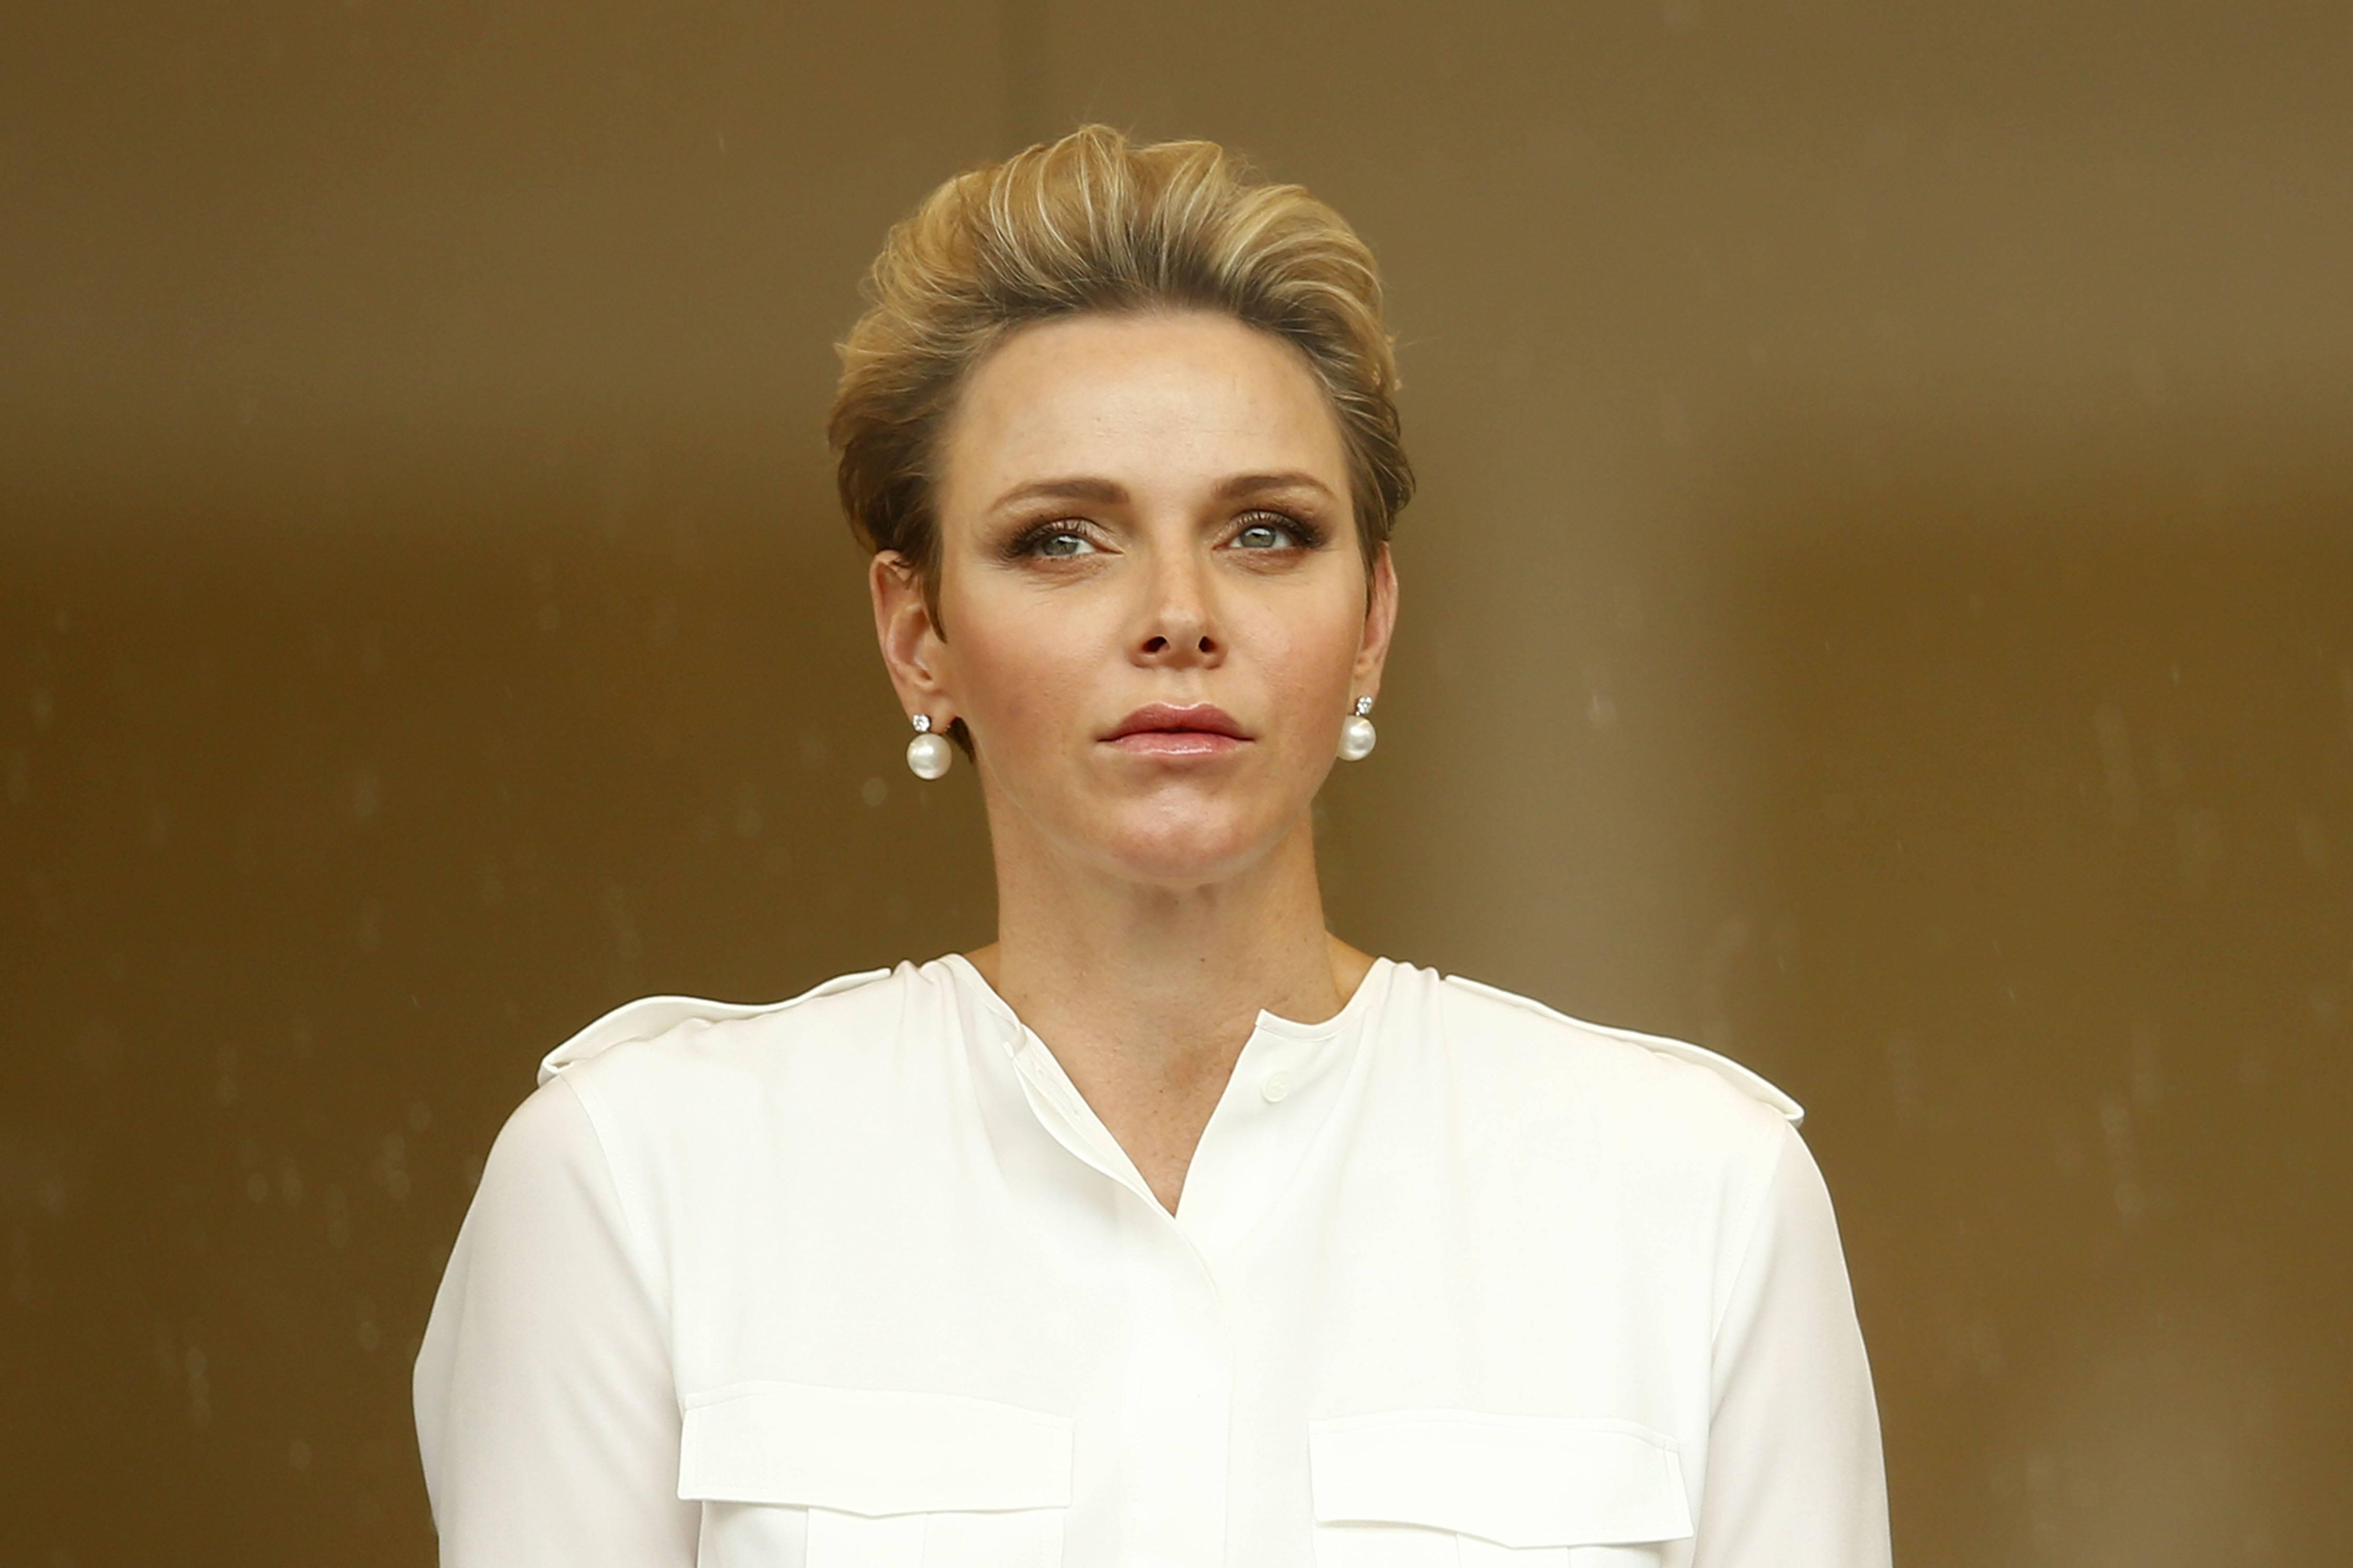 Fürstin Charlène von Monaco - Palast gibt traurige Nachricht bekannt